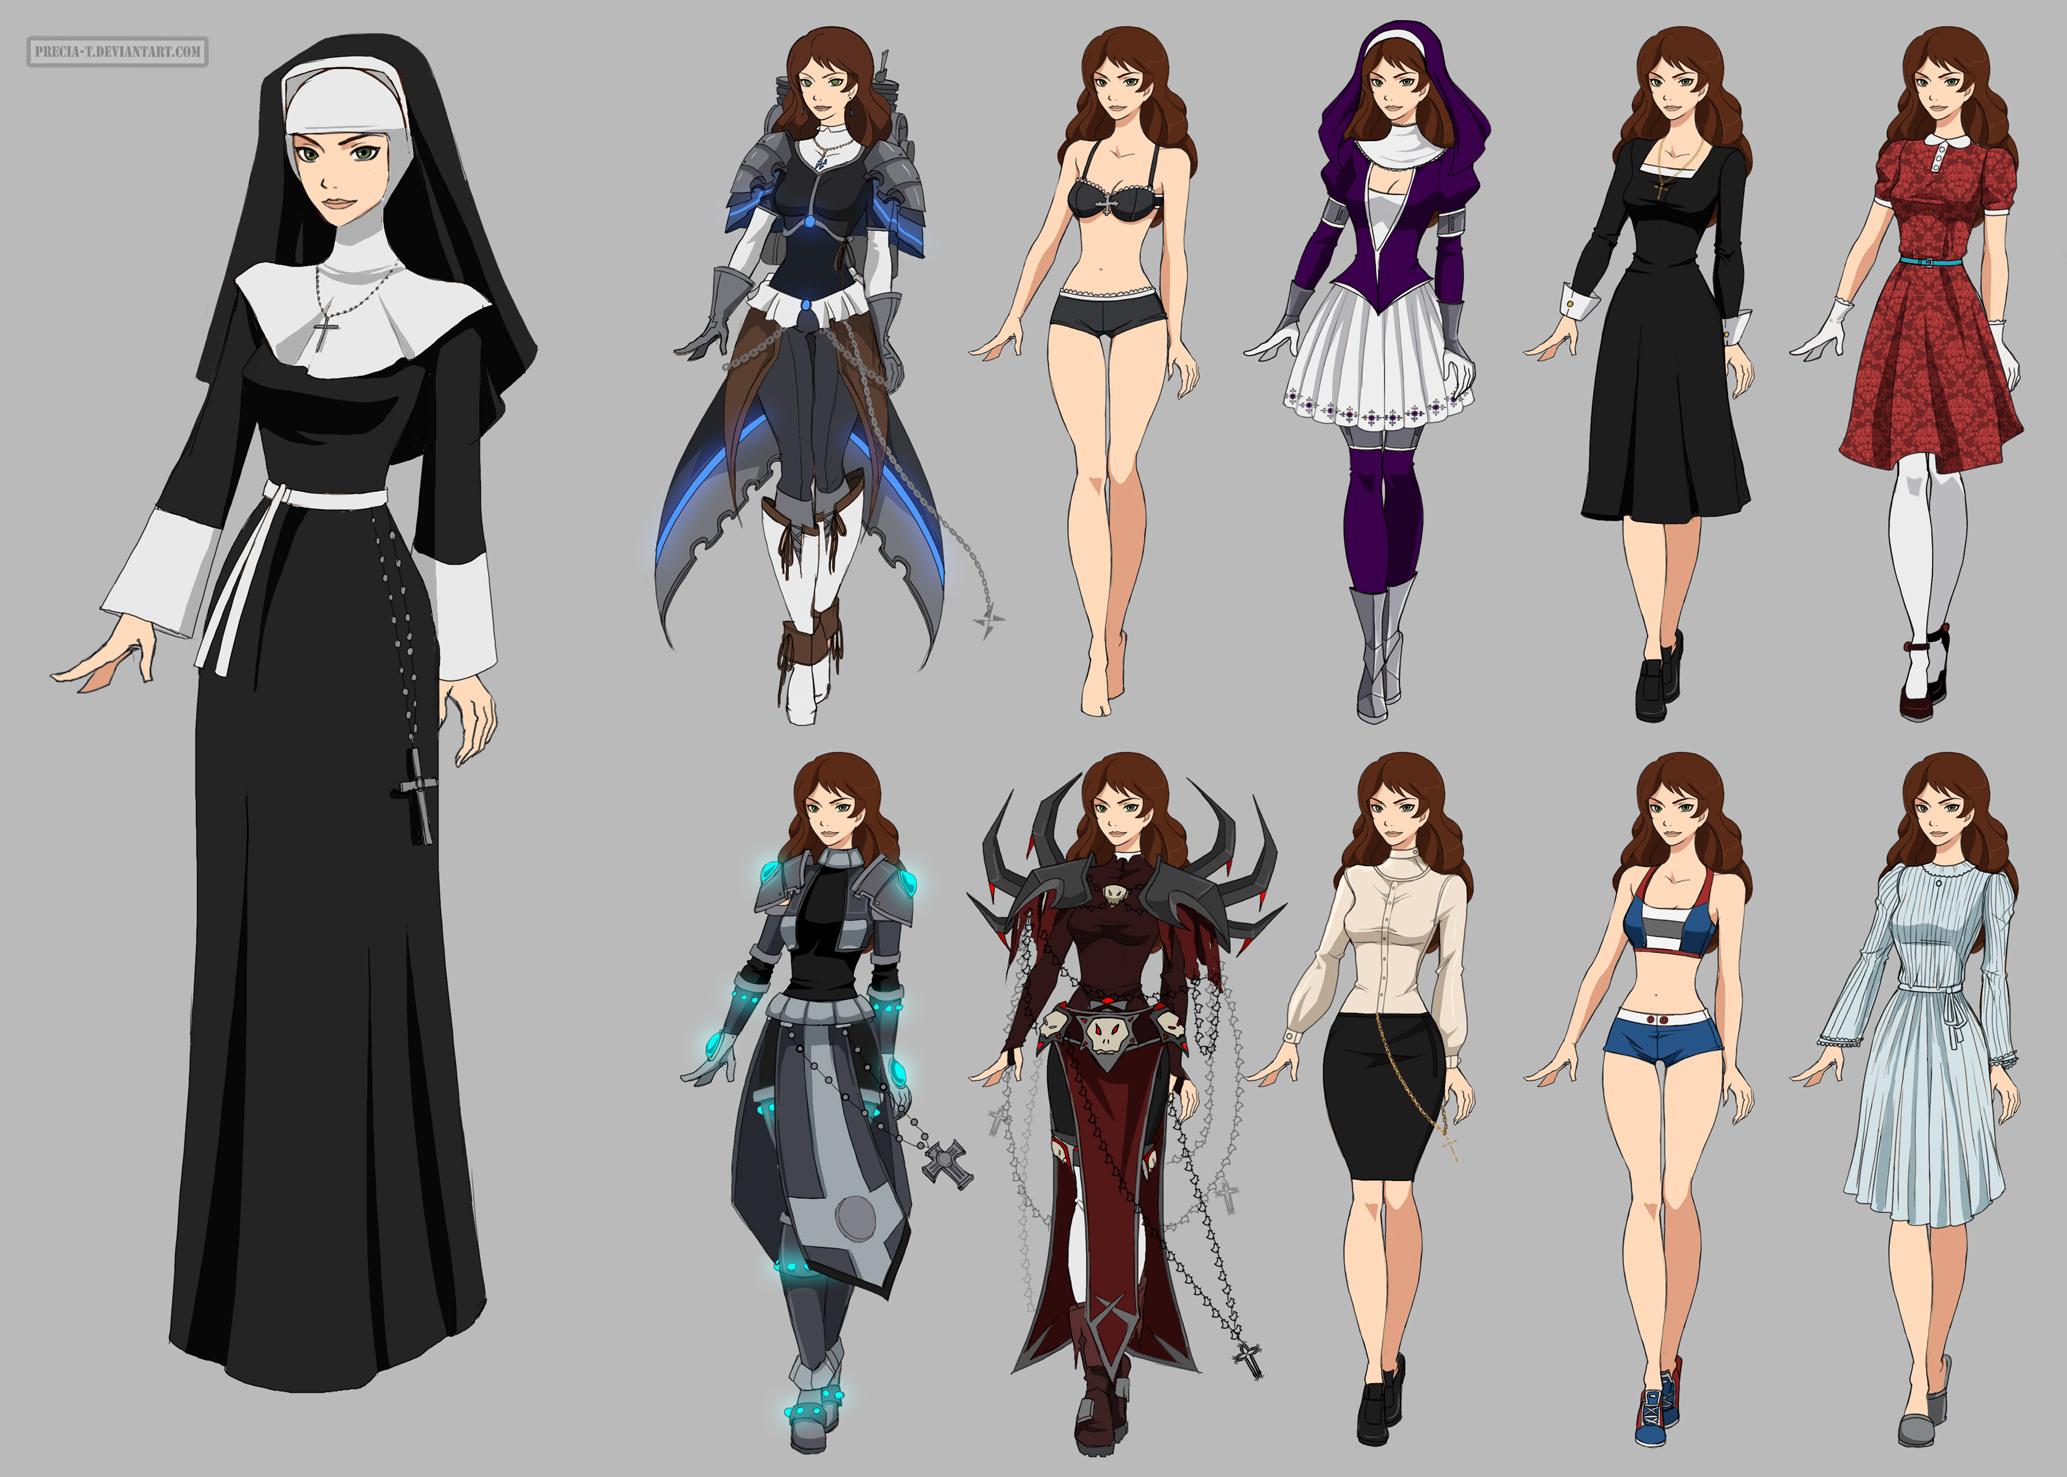 Sister Merriam Wardrobe (commission) by Precia-T